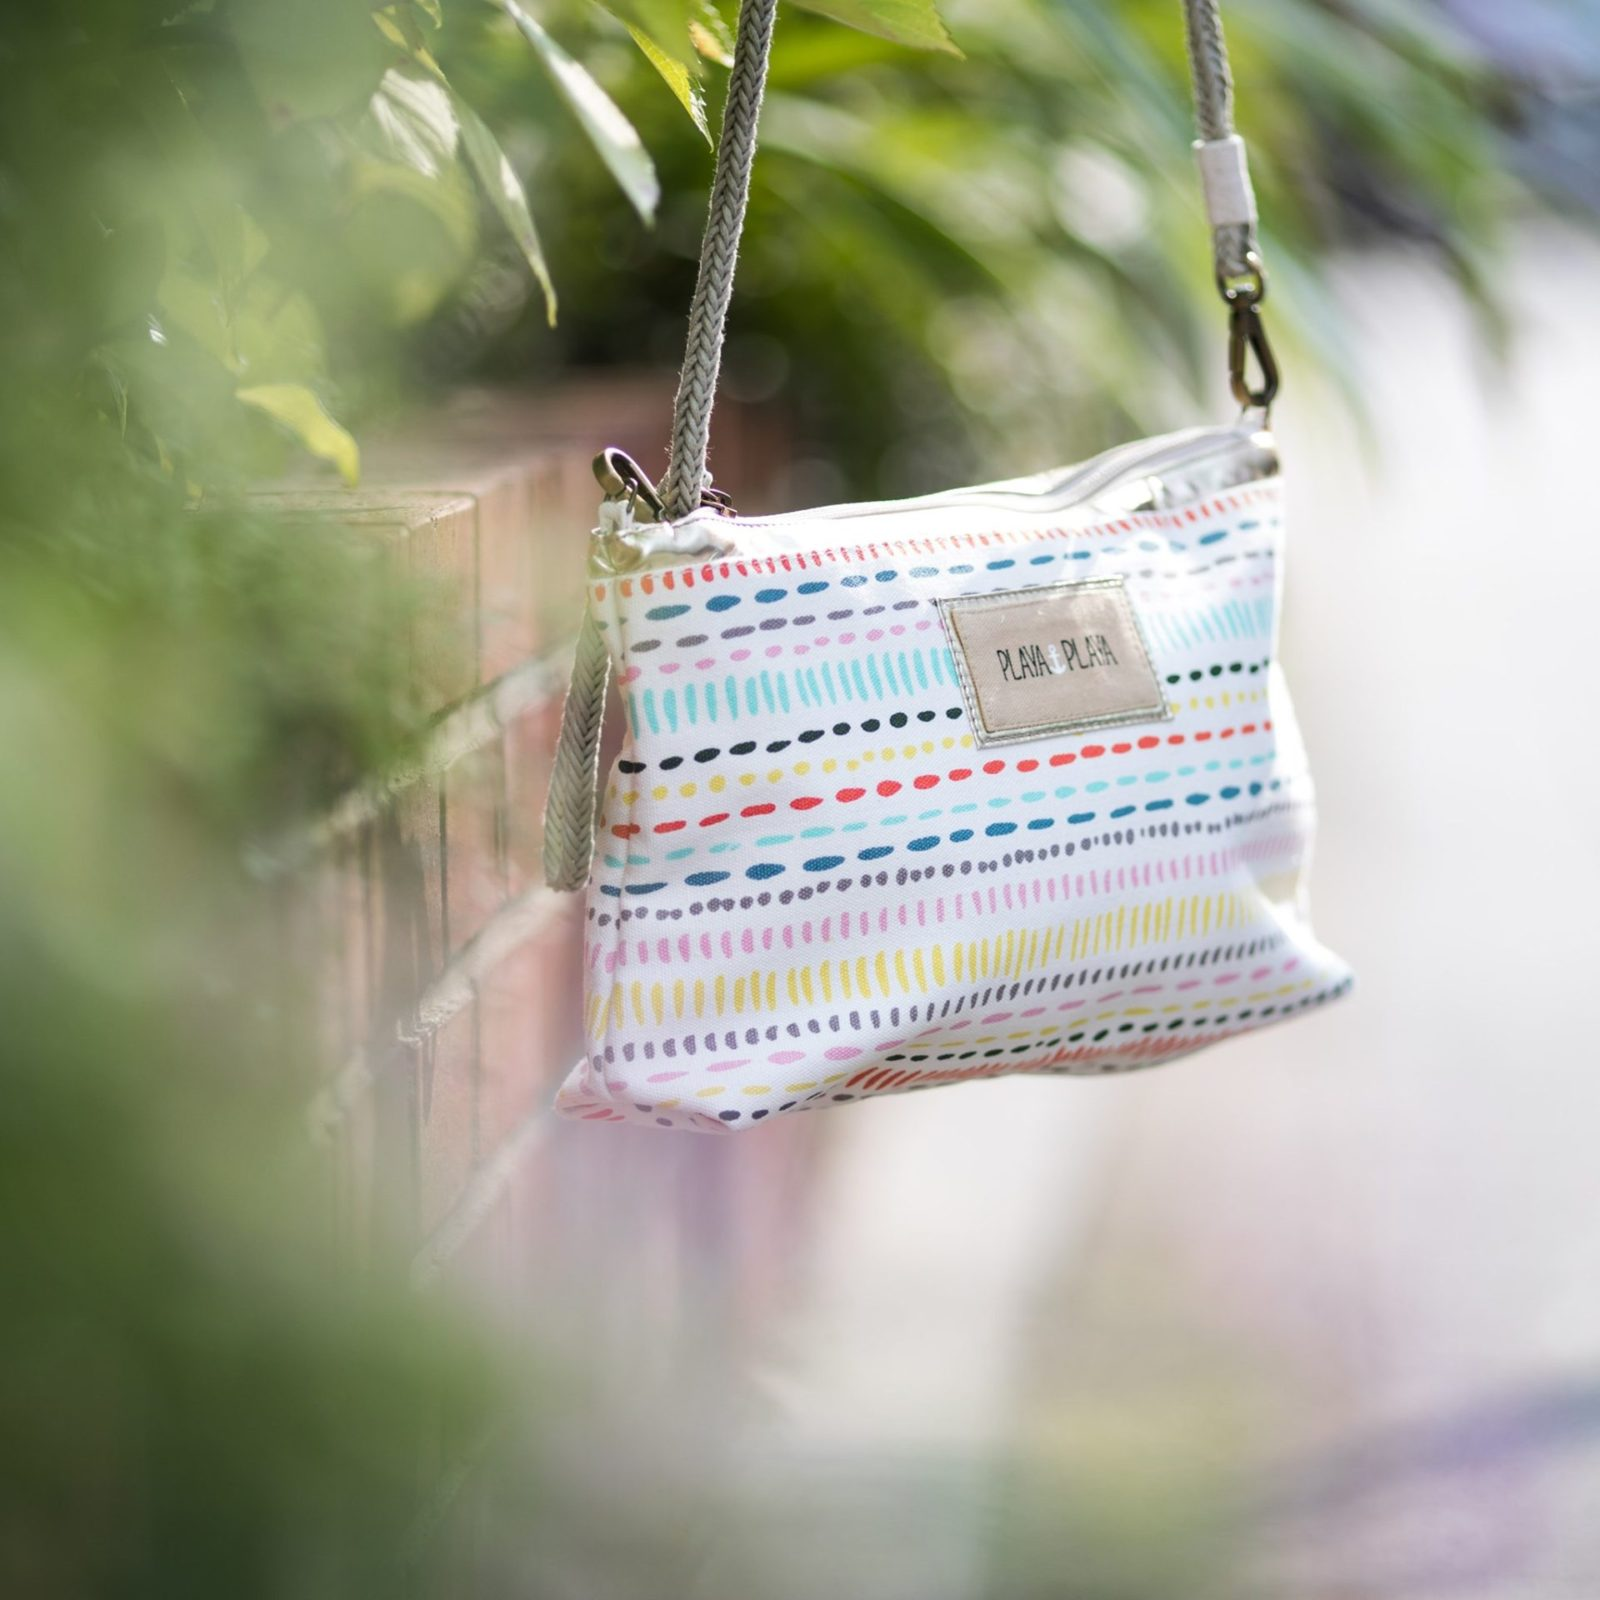 楽しくてたまらない夏にしてくれるビーチバッグ